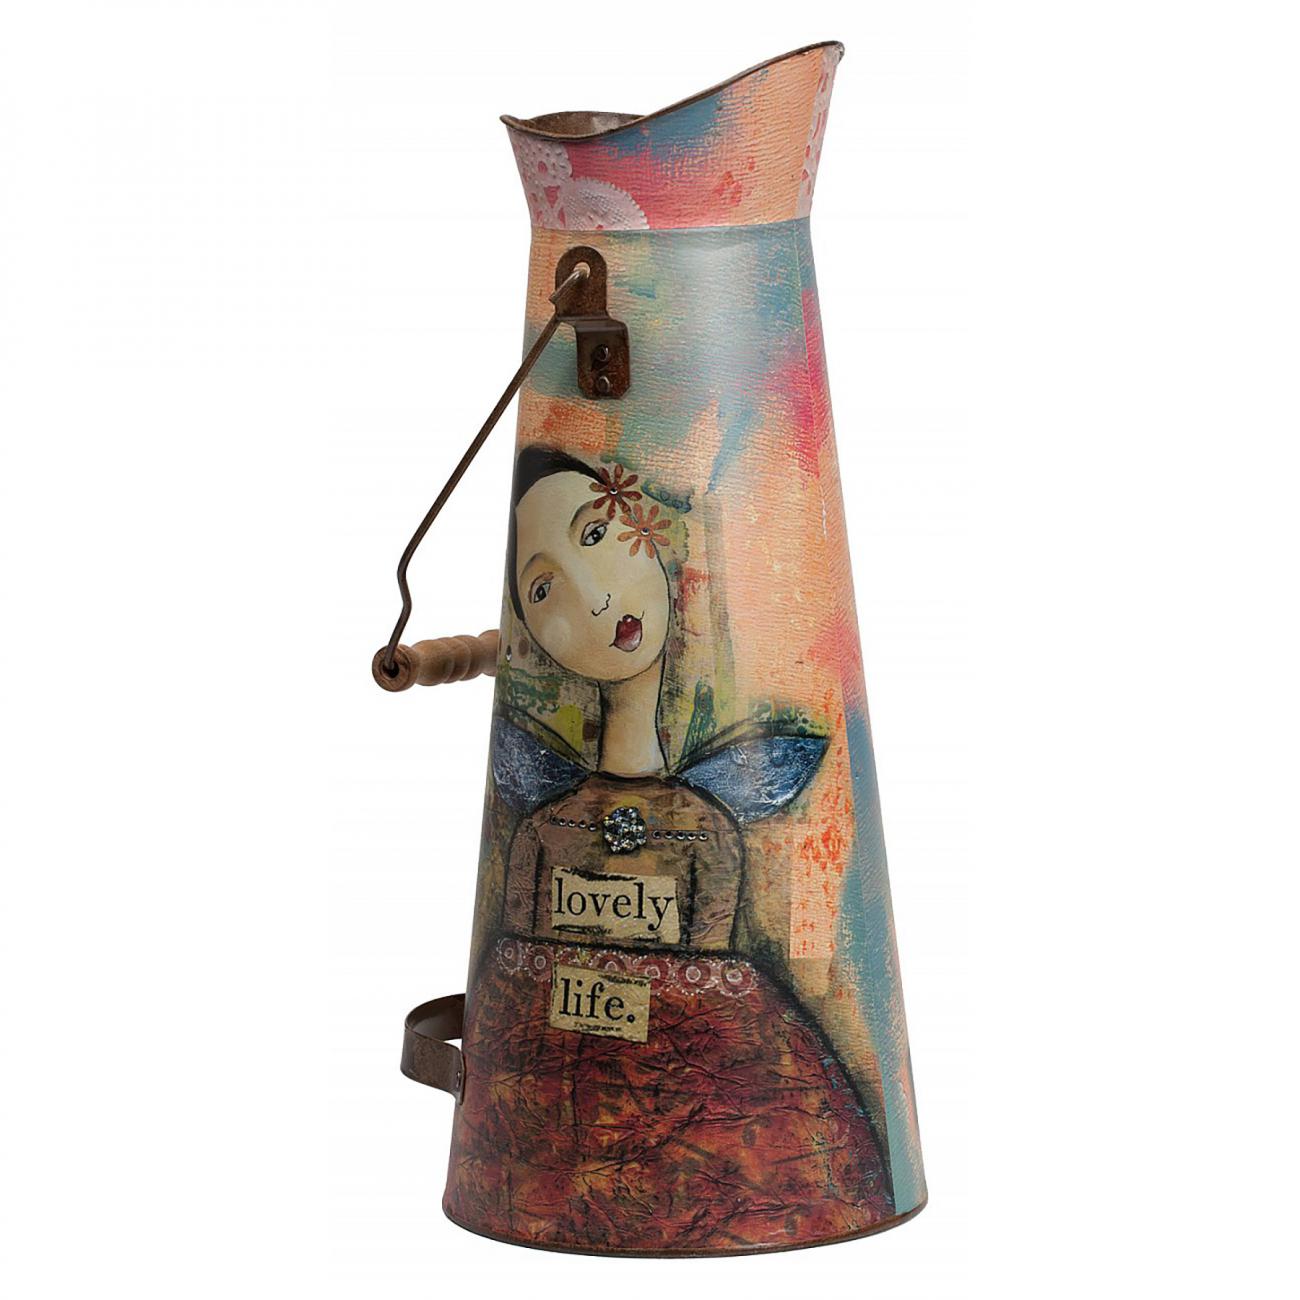 Купить Декоративный кувшин Kelly Moor в интернет магазине дизайнерской мебели и аксессуаров для дома и дачи